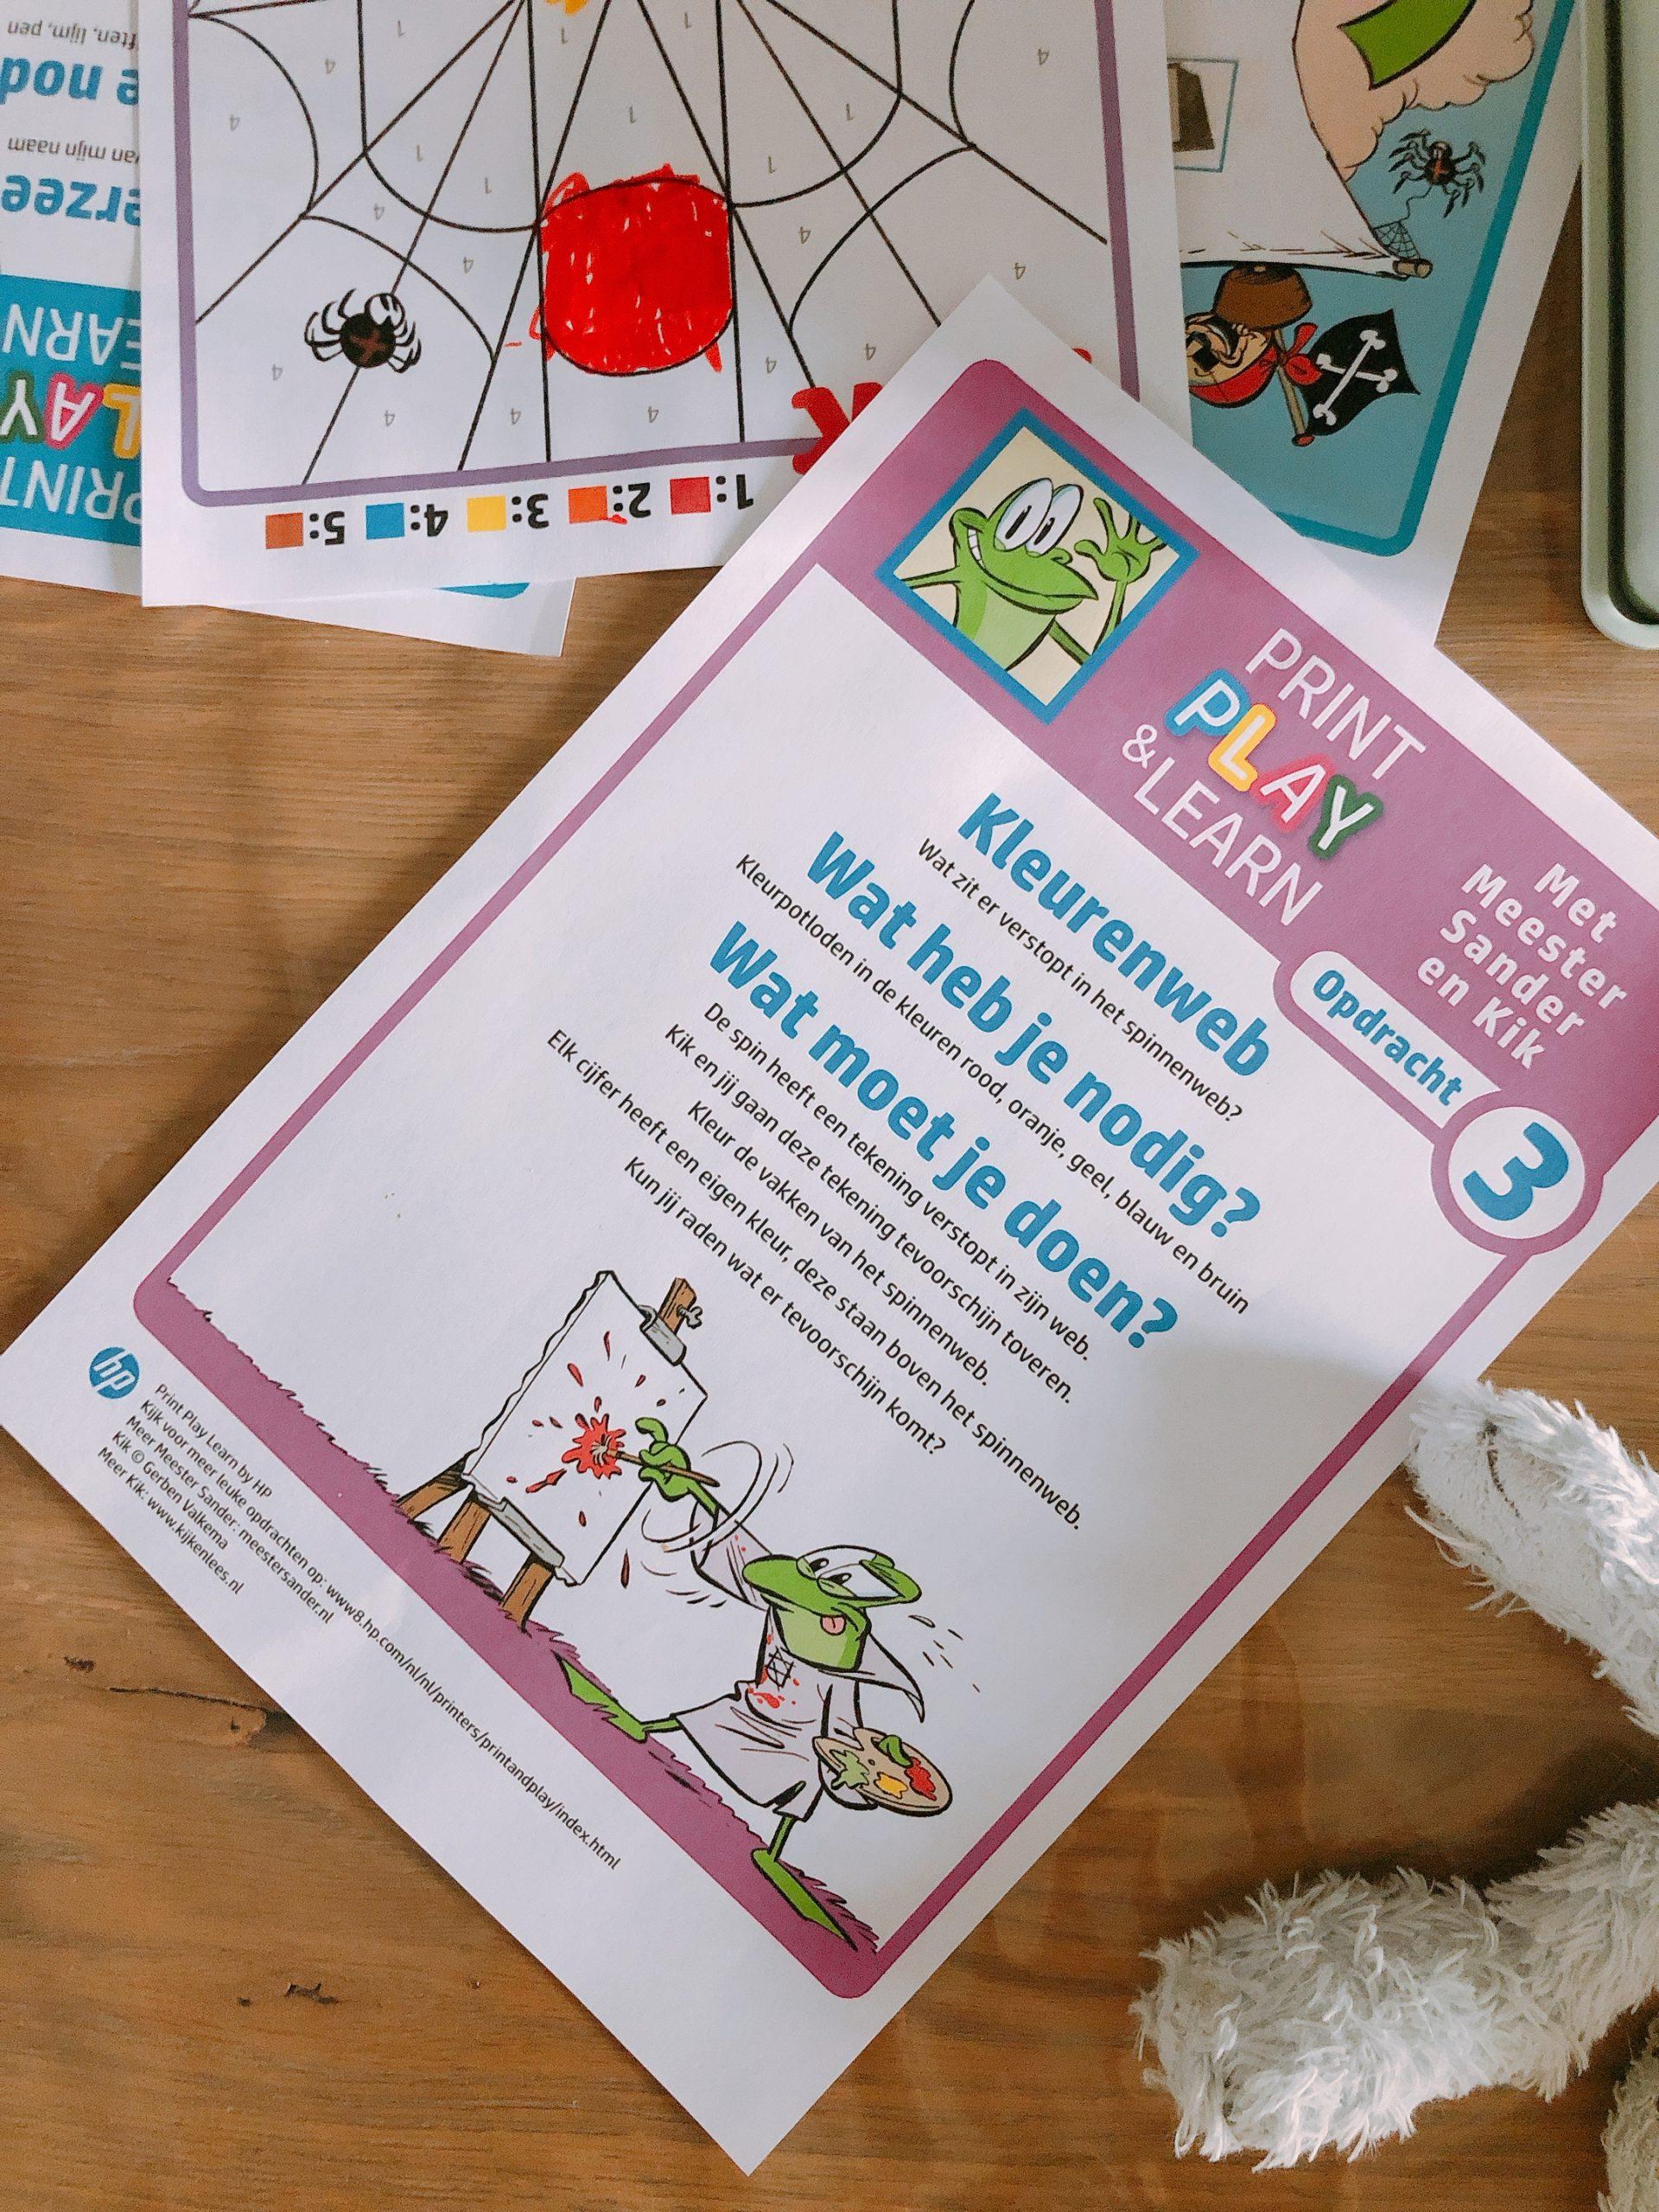 IMG 8364 scaled - Spelenderwijs thuis leren met vrolijke opdrachten + printables!